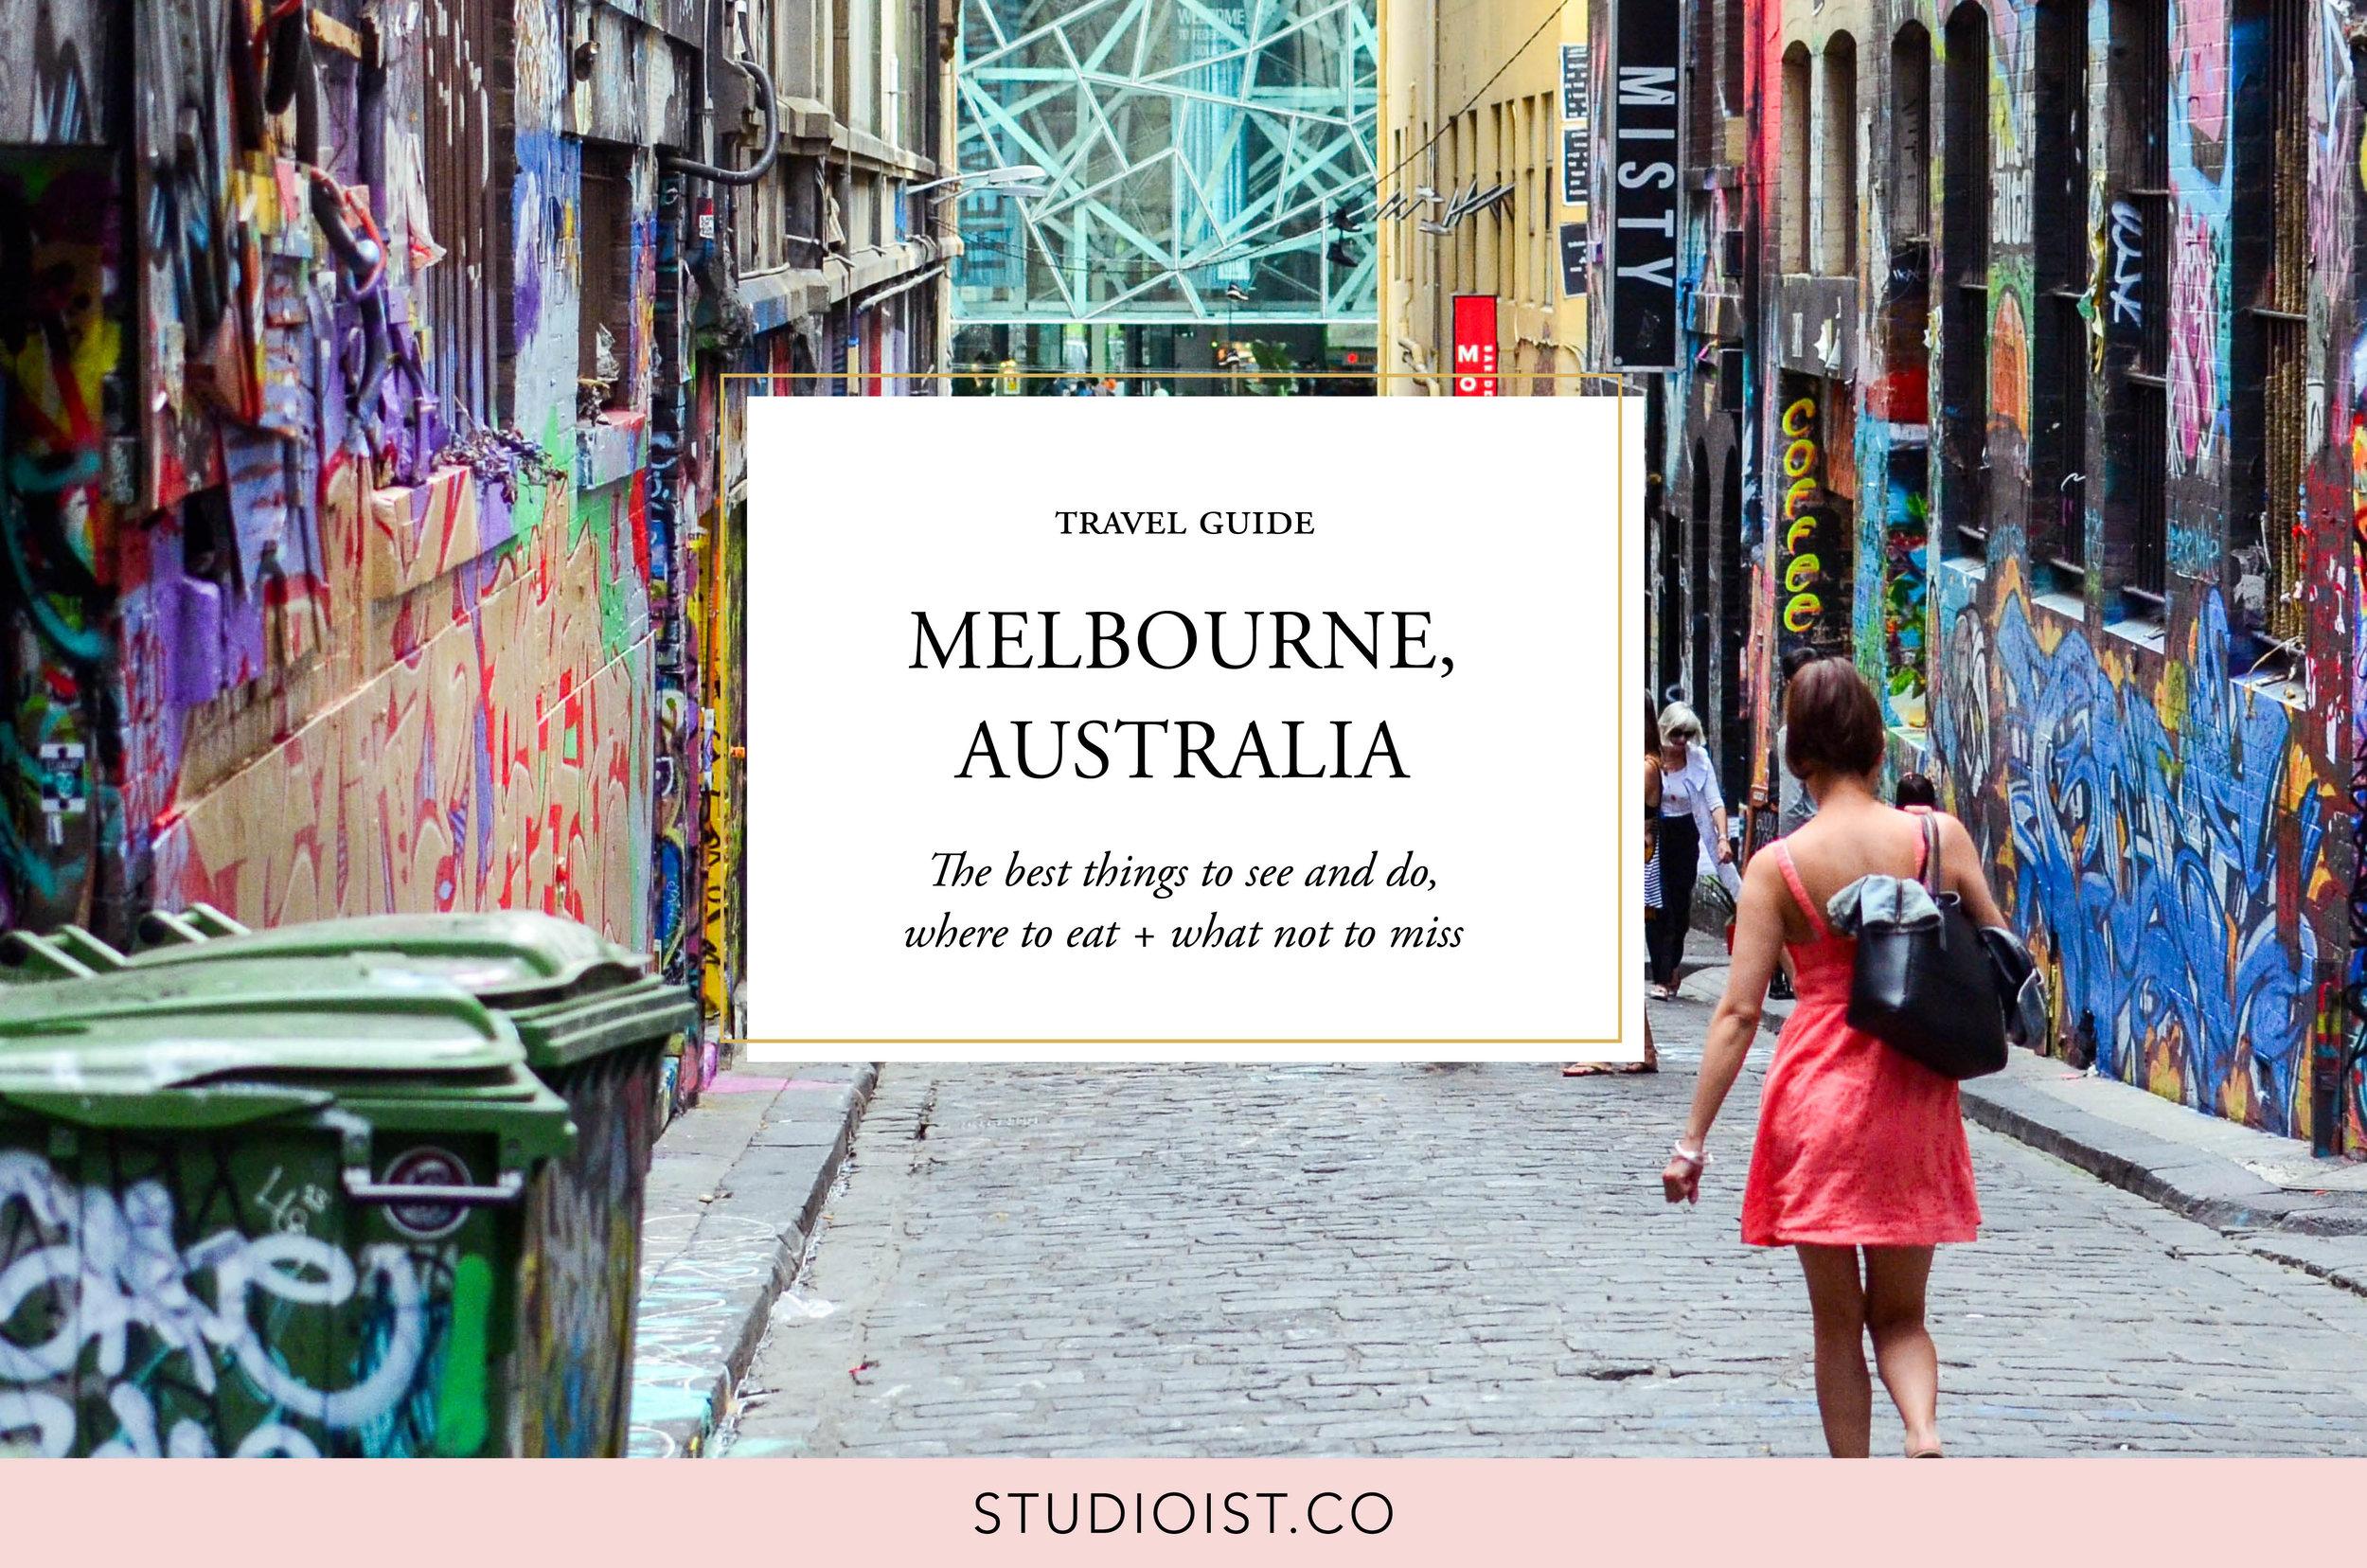 Studioist_Travel Cover_Melb travel guide-small.jpg